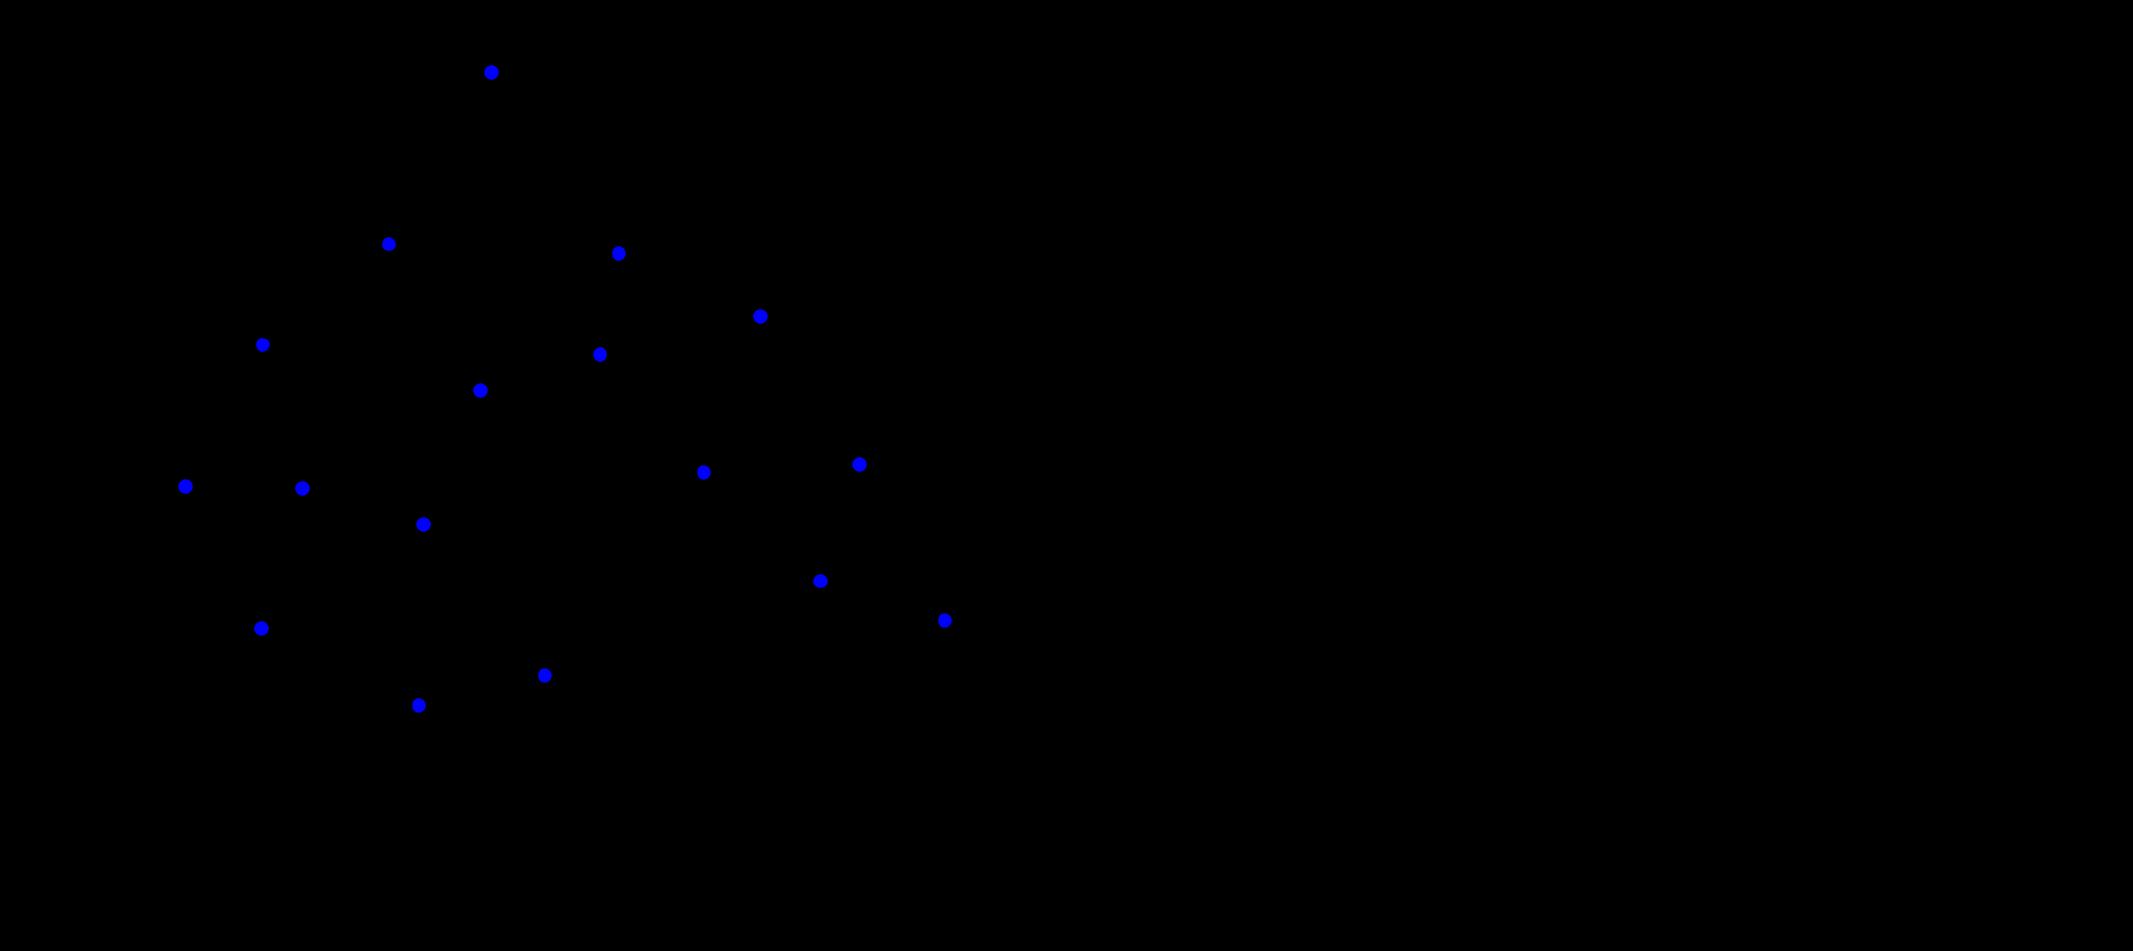 HV или О том, как неплохо отрисовывать бинарные деревья - 1